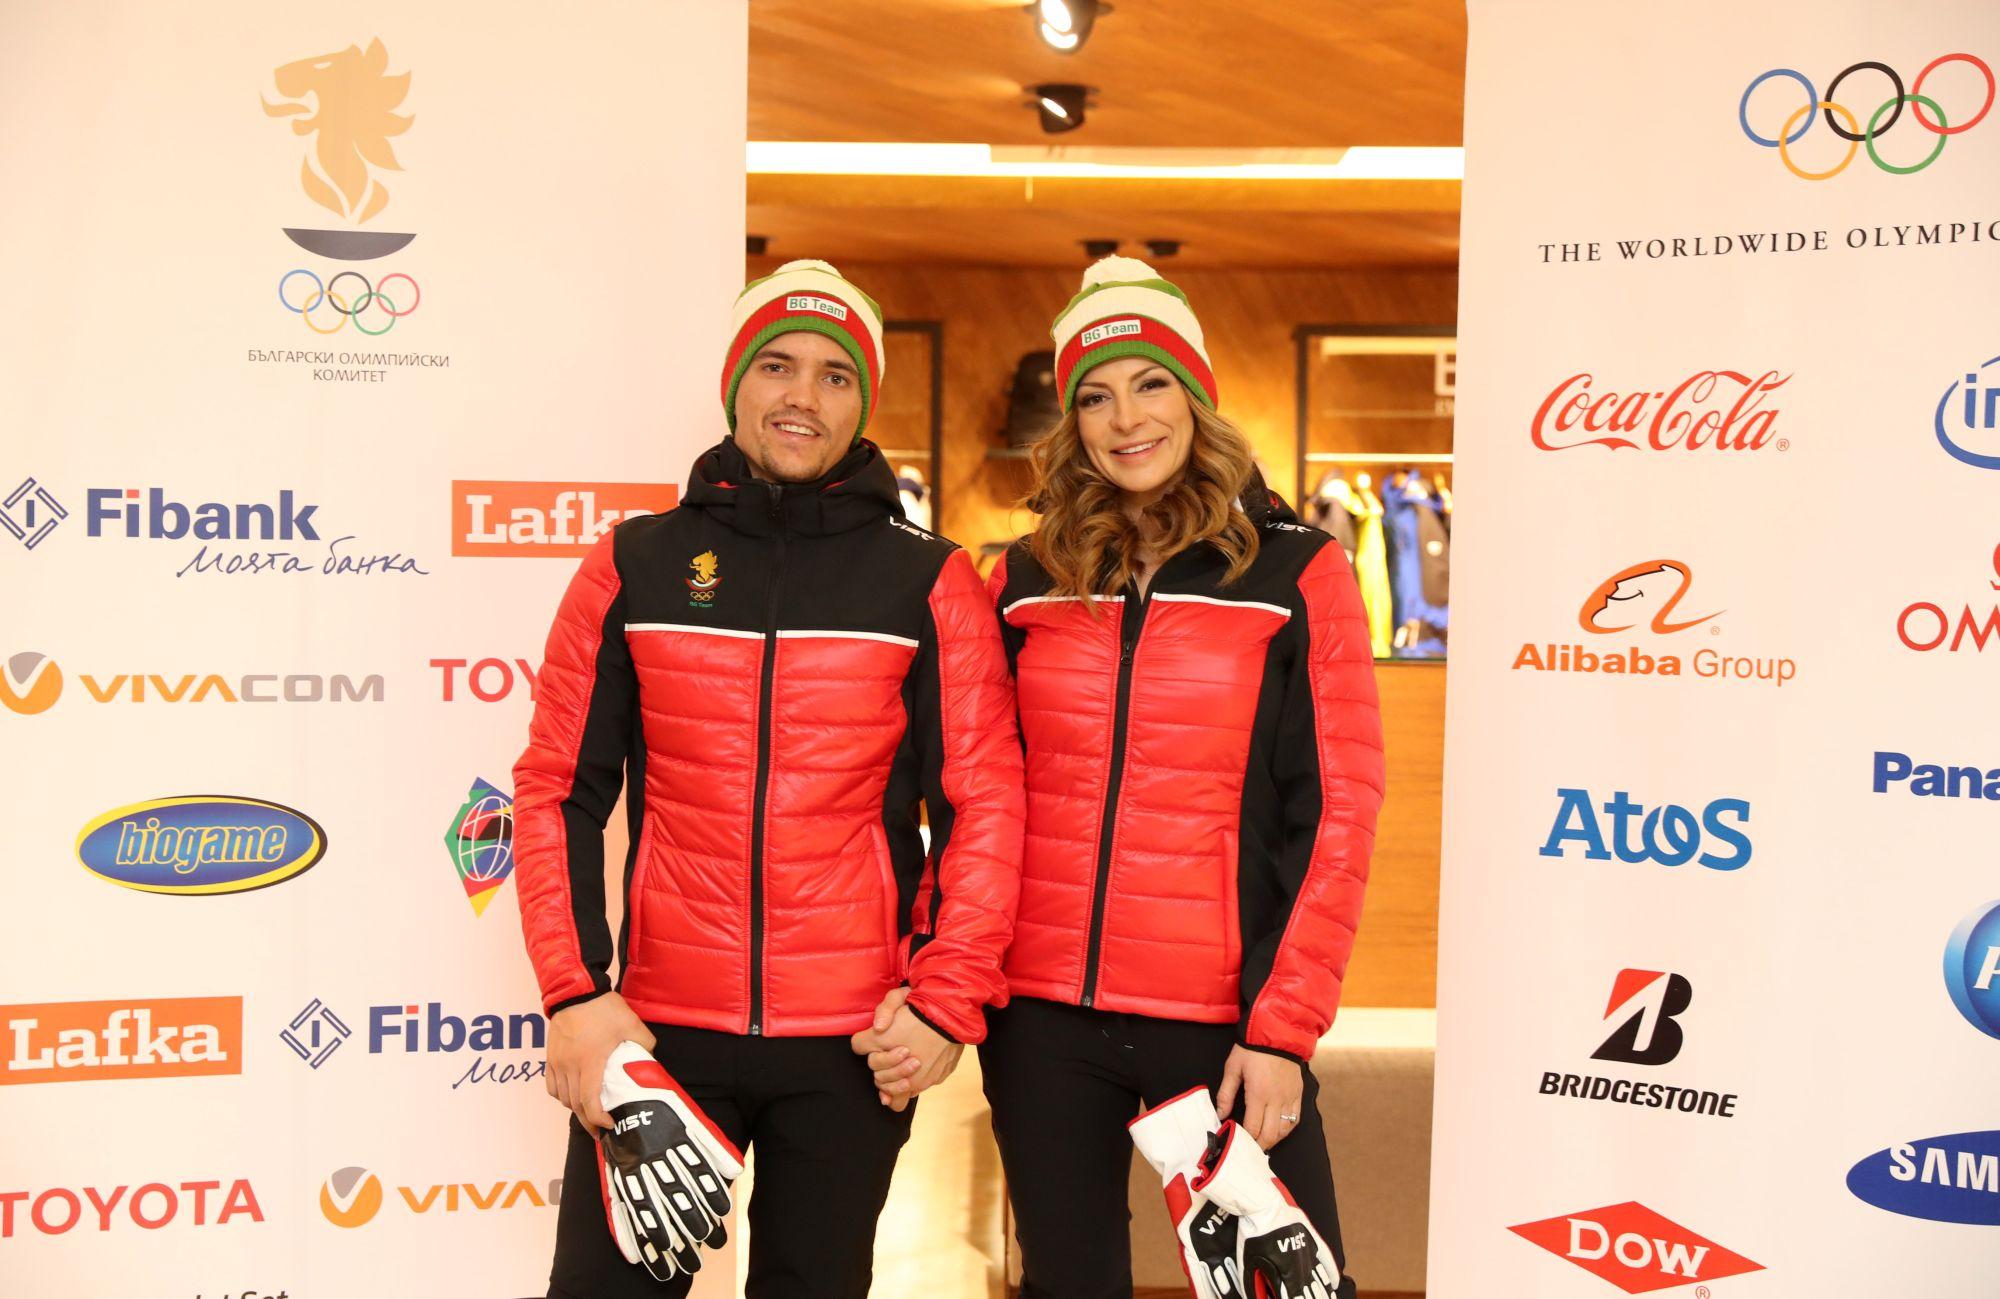 В ролята на манекени, за да презентират екипите, влязоха сноубордистката Александра Жекова и скиорът алпиец Алберт Попов. Спортната екипировка е на италианска фирма и включва яке, грейка, зимни черни панталони, блуза, две спортни горнища, кожени ръкавици, леко пухено зимно яке в червено-черно, шапка в цветовете на националния трикольор и др.